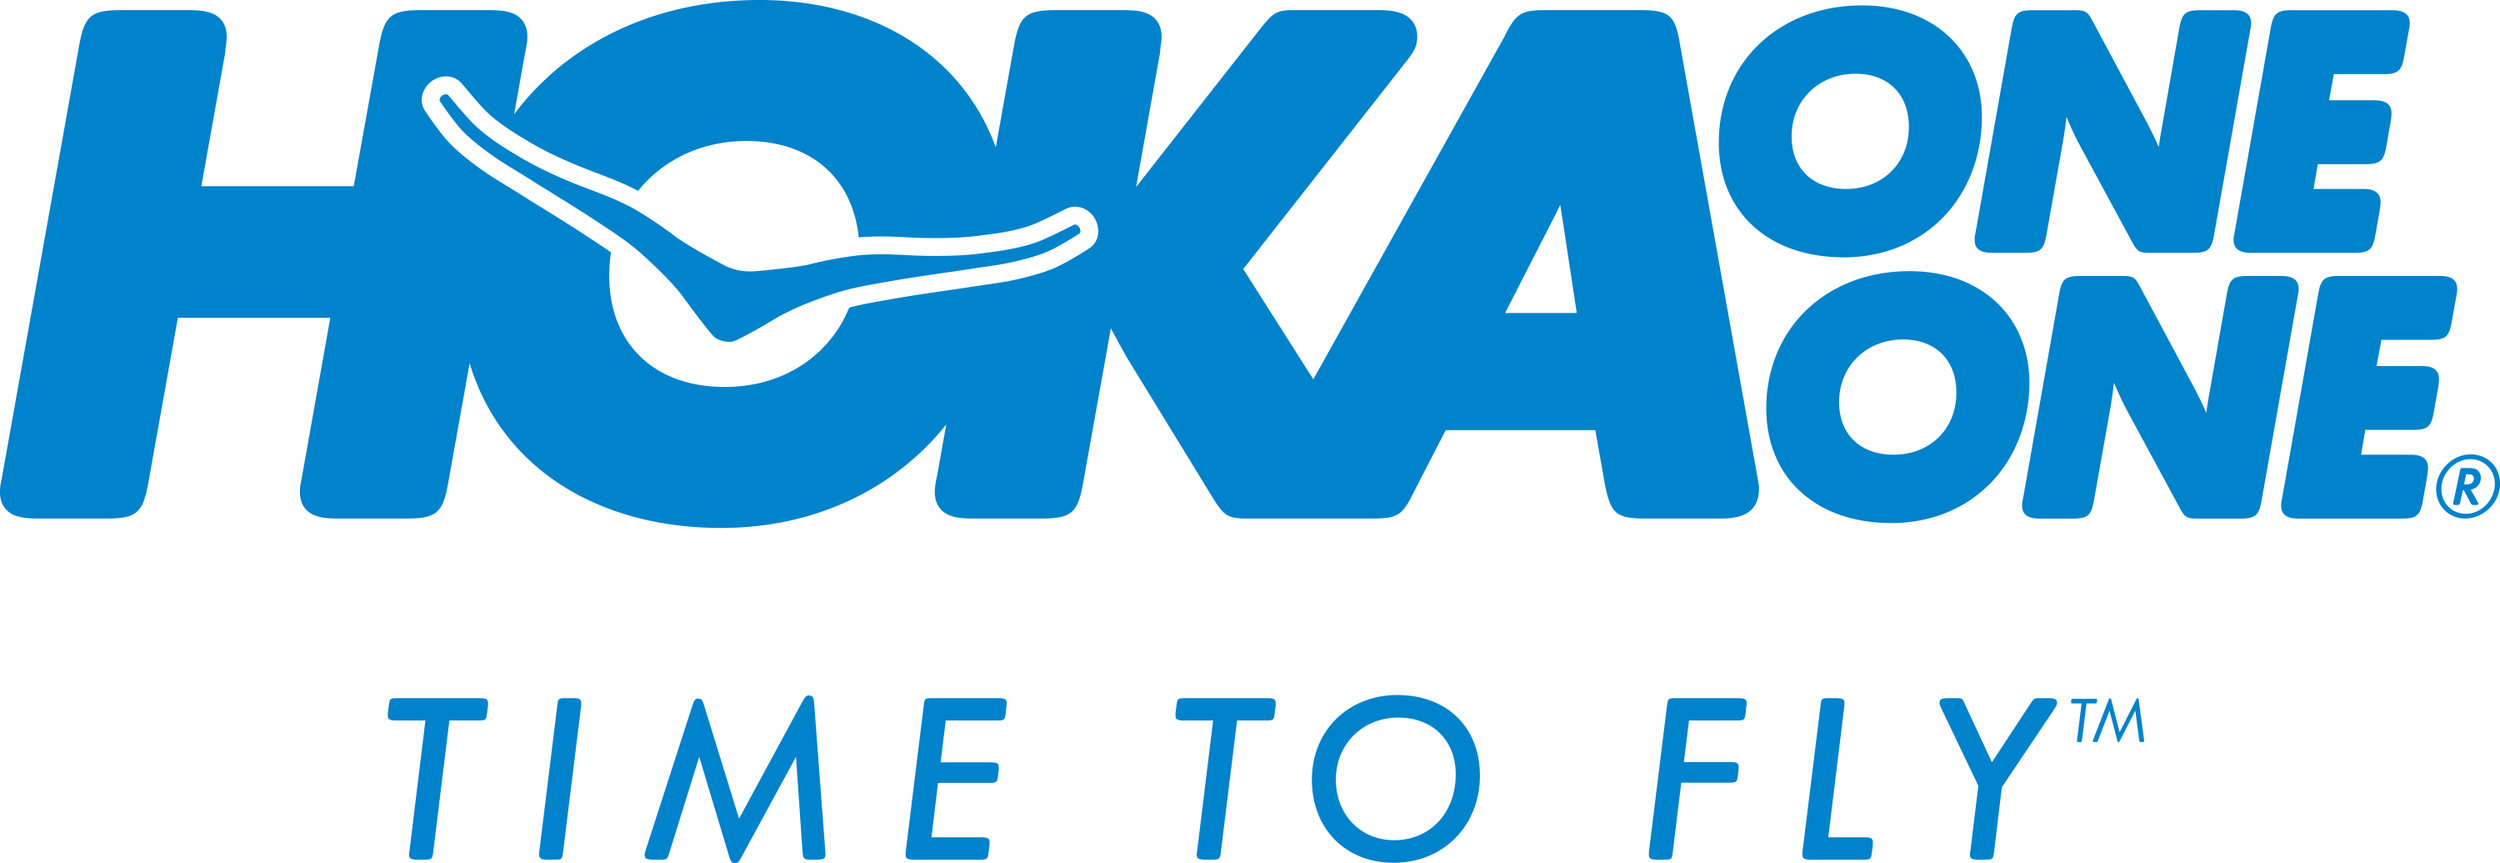 Hoka-logo-TTF.jpg